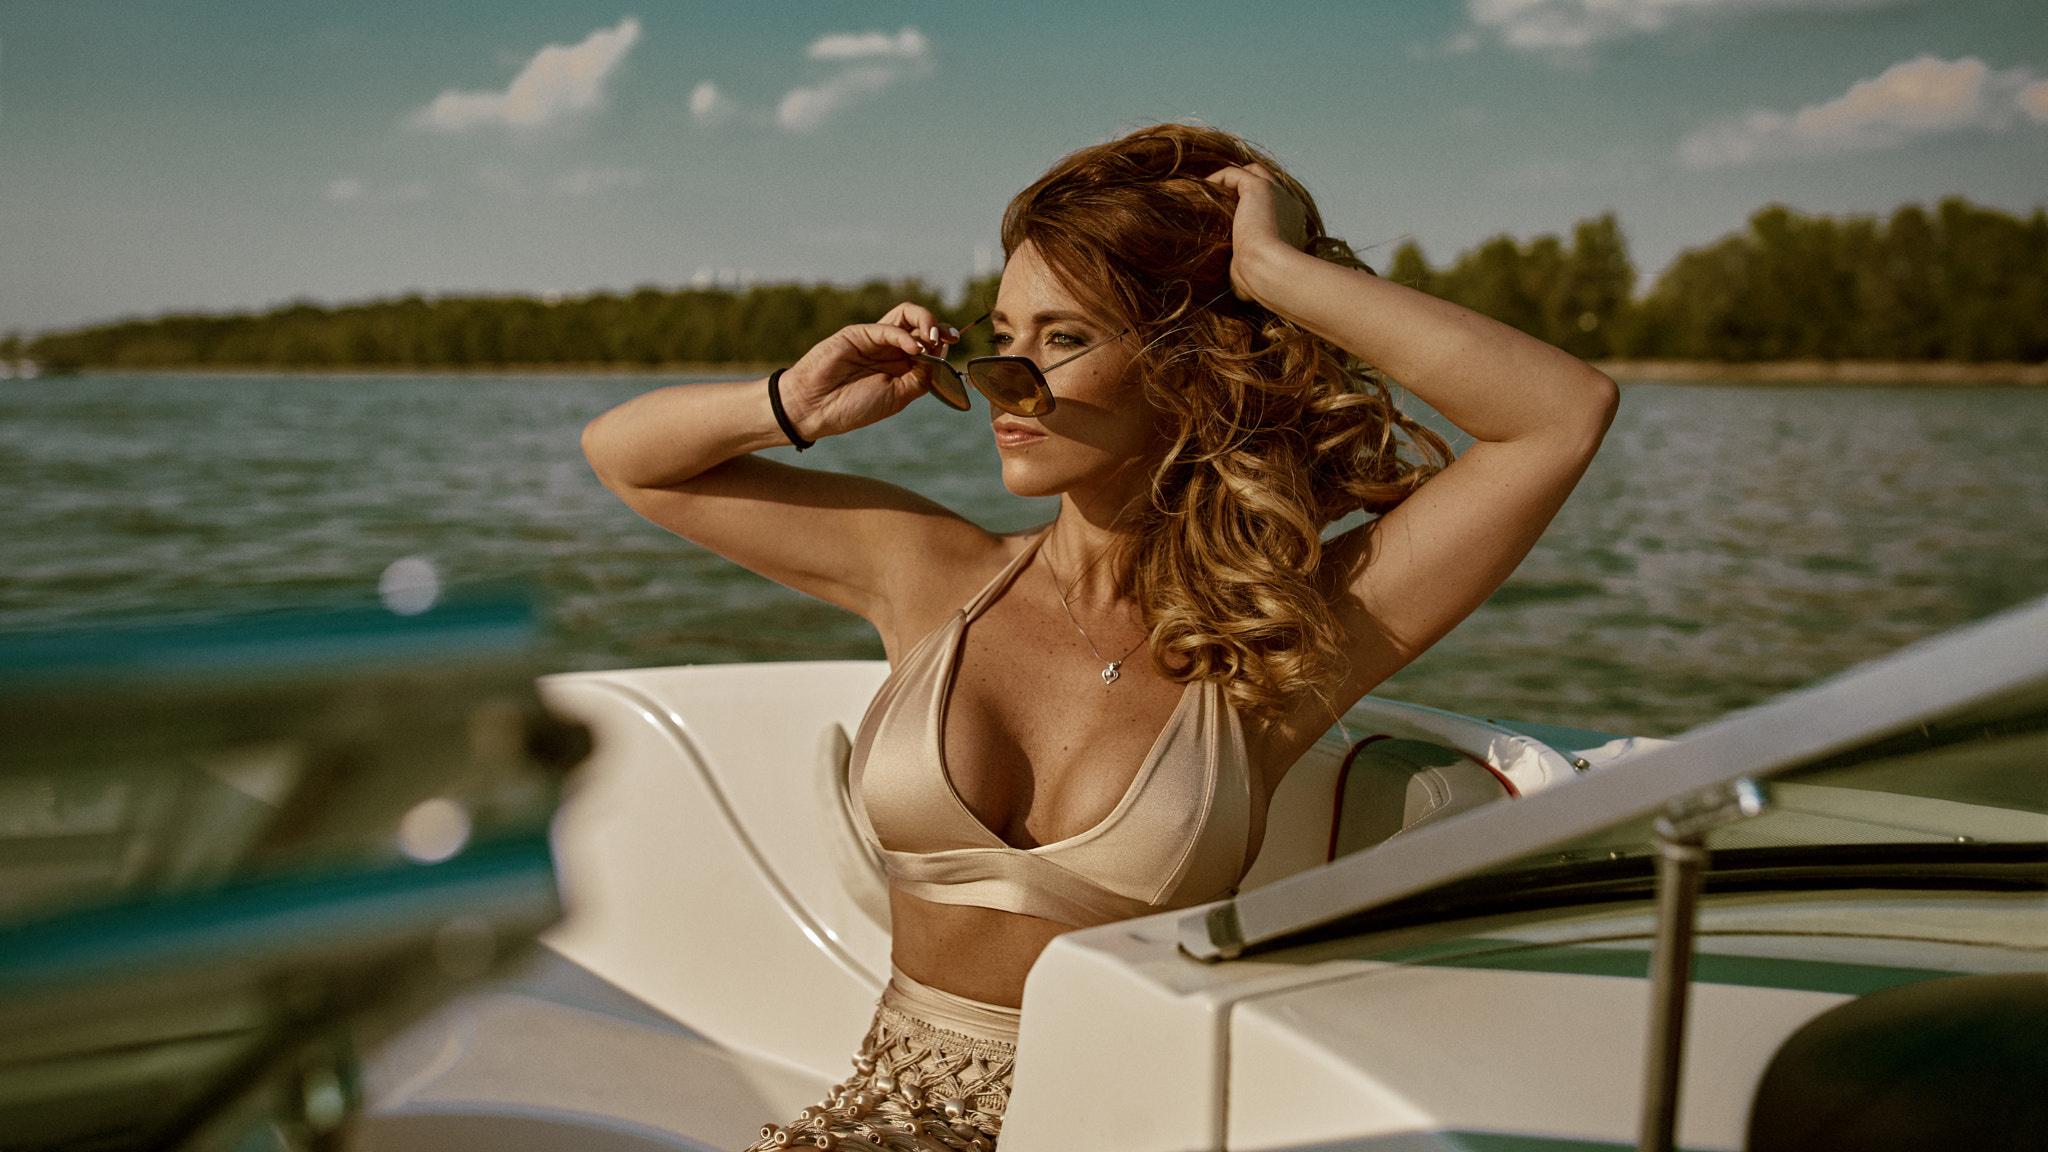 Красивые девушки на катере кайфуют — pic 10